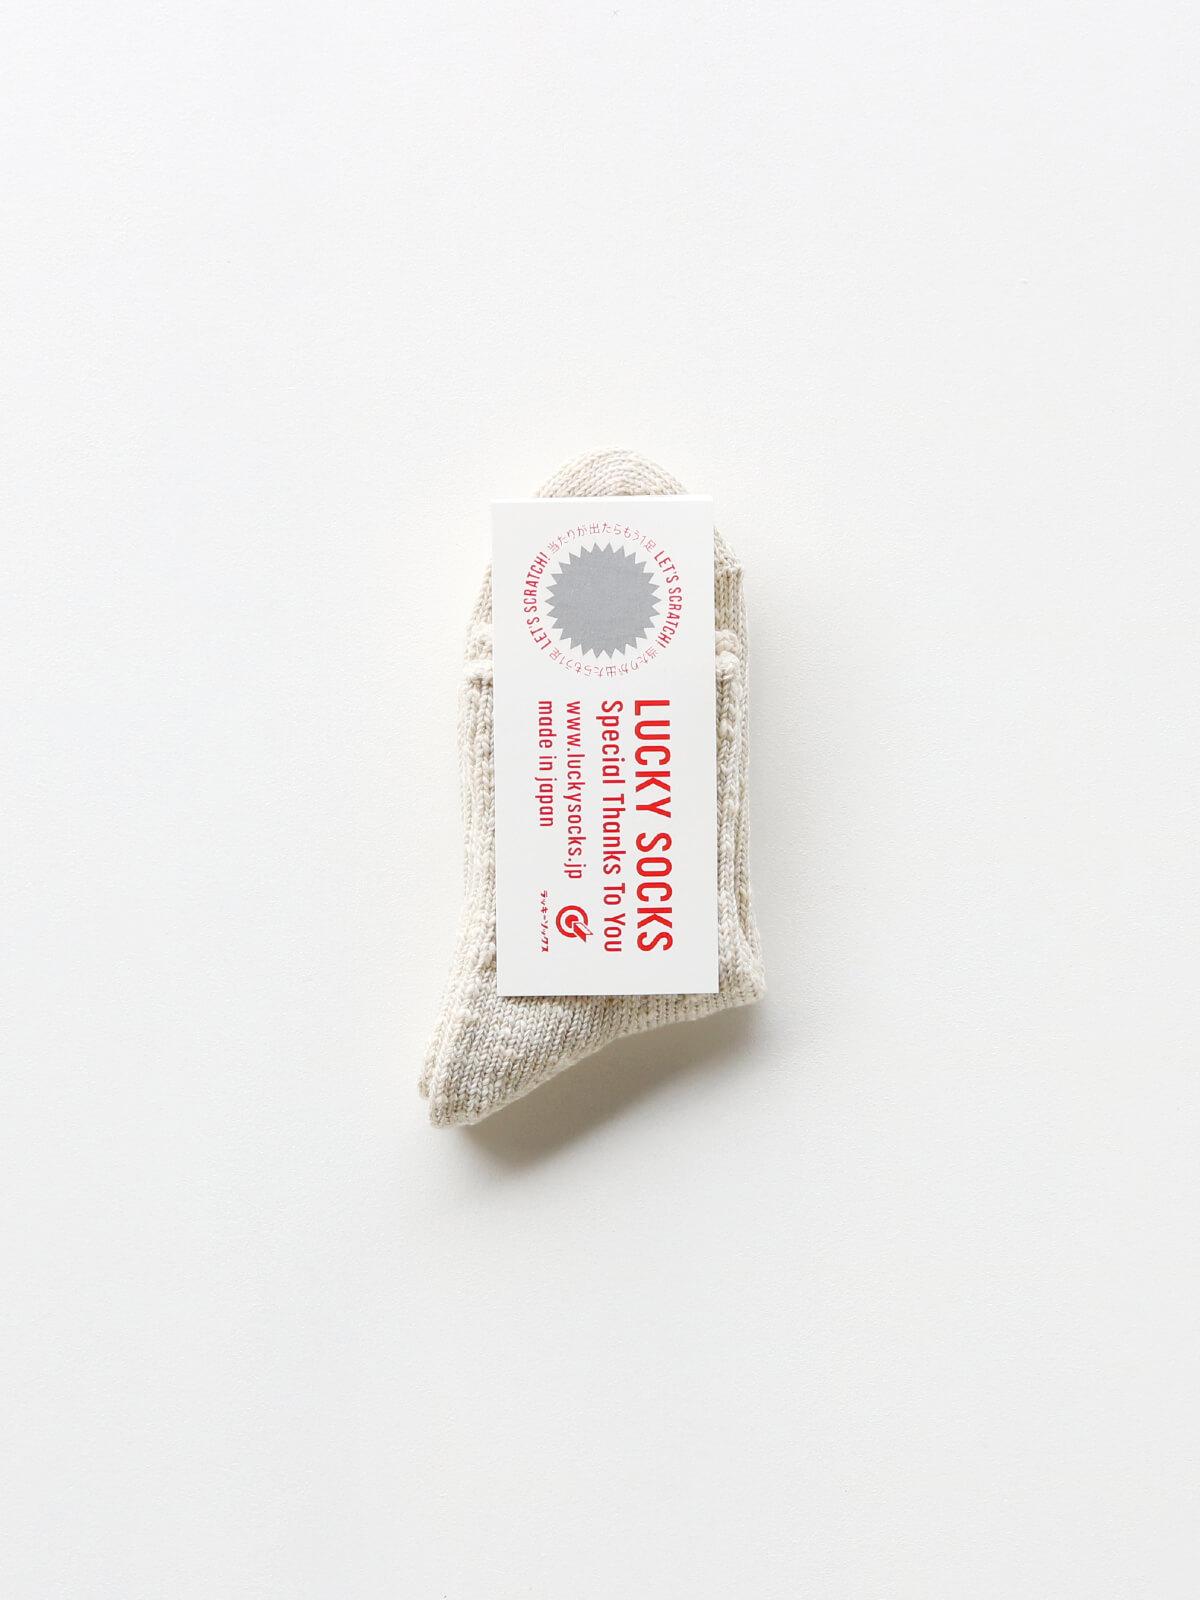 当たりつきギフト専用靴下のLUCKY SOCKS(ラッキーソックス)のMix Ankle Socks(ミックスアンクルソックス)のアイボリー_1